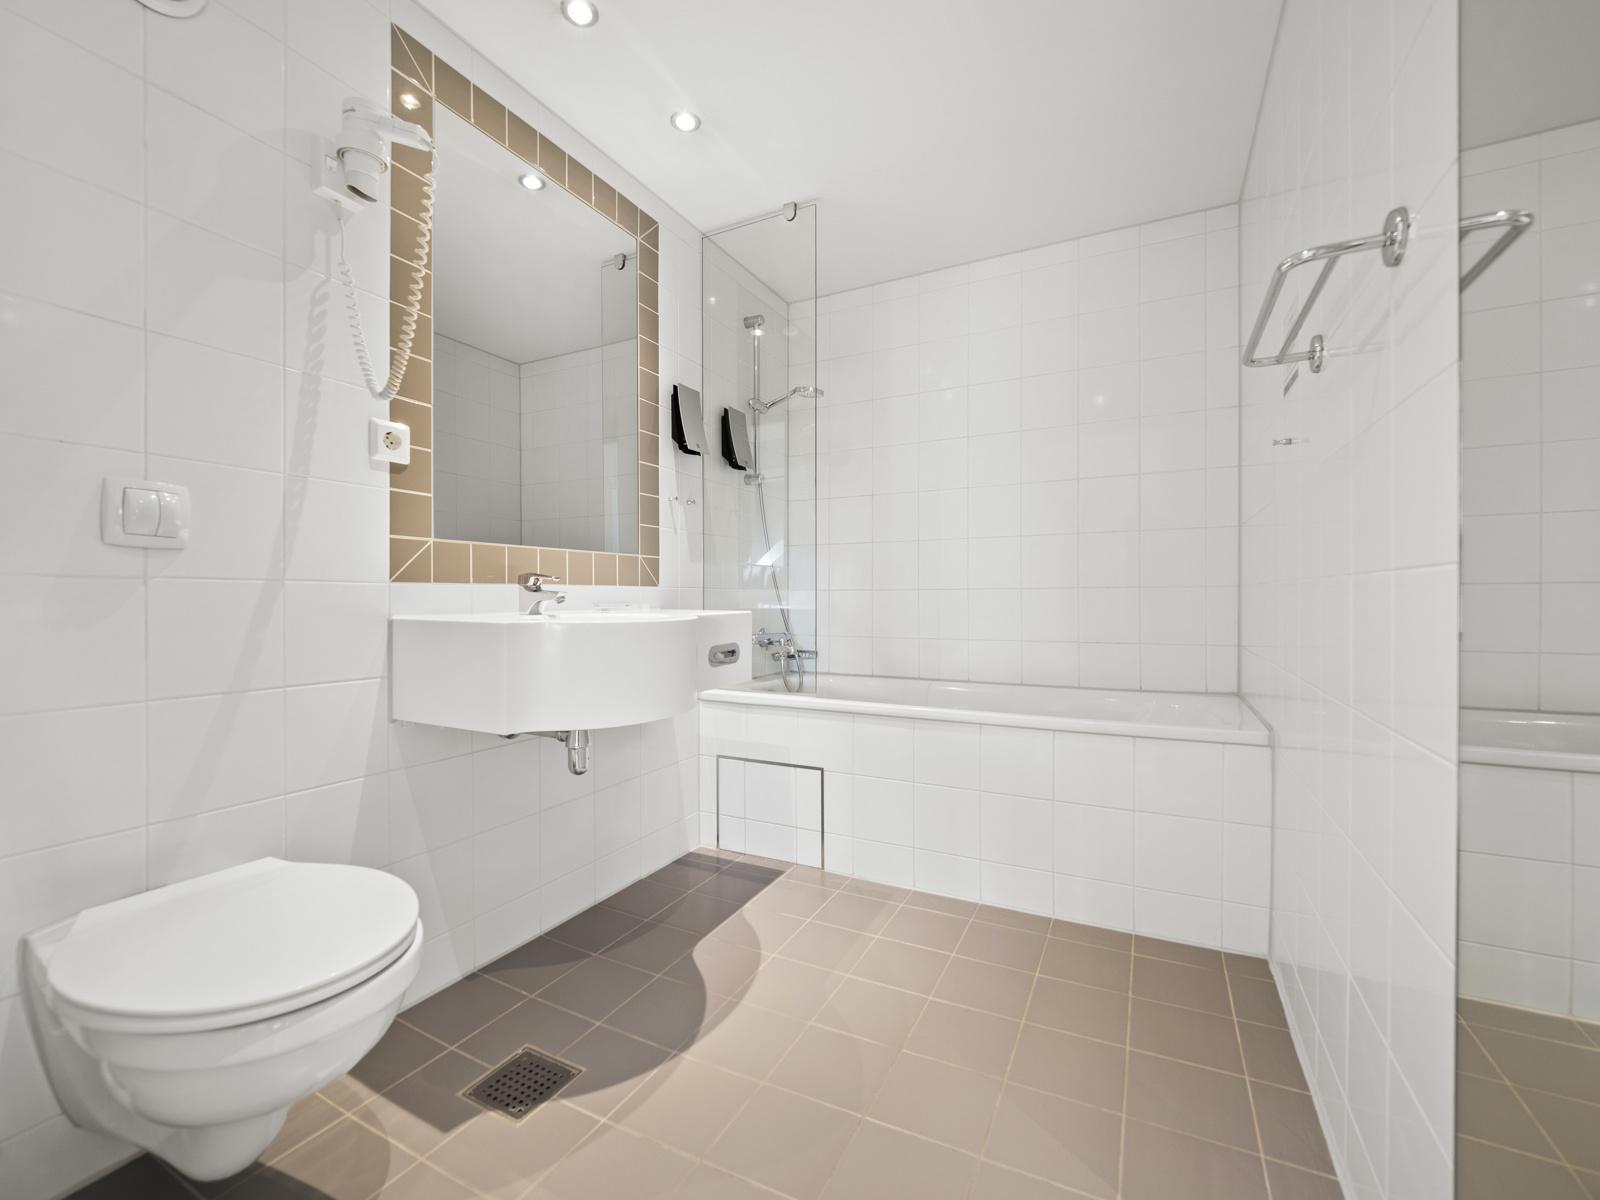 Bad I med vegghengt wc, badekar med dusjløsning og servant